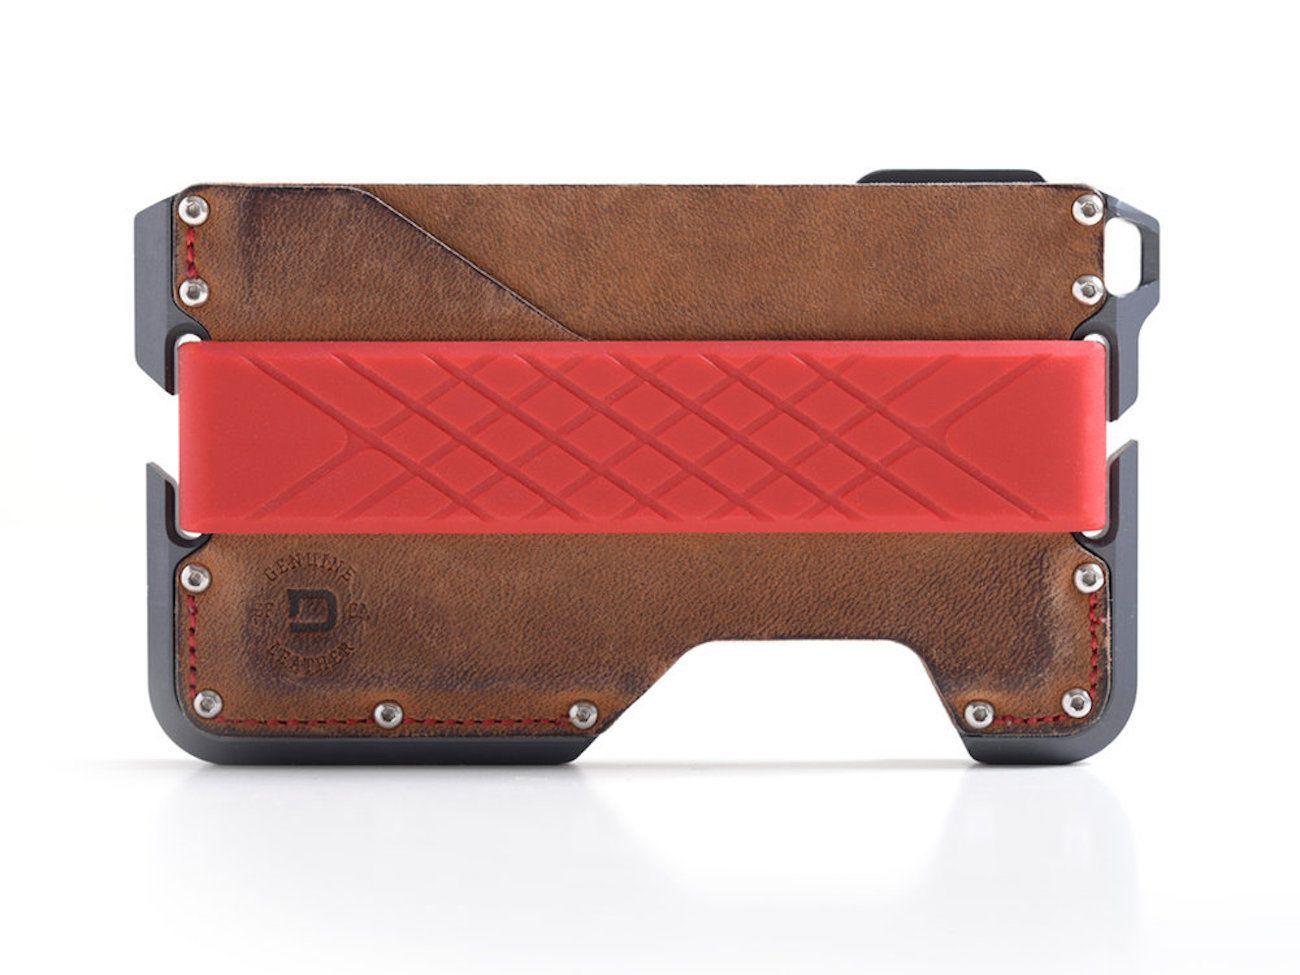 Dango D01 Dapper Special Edition Wallet